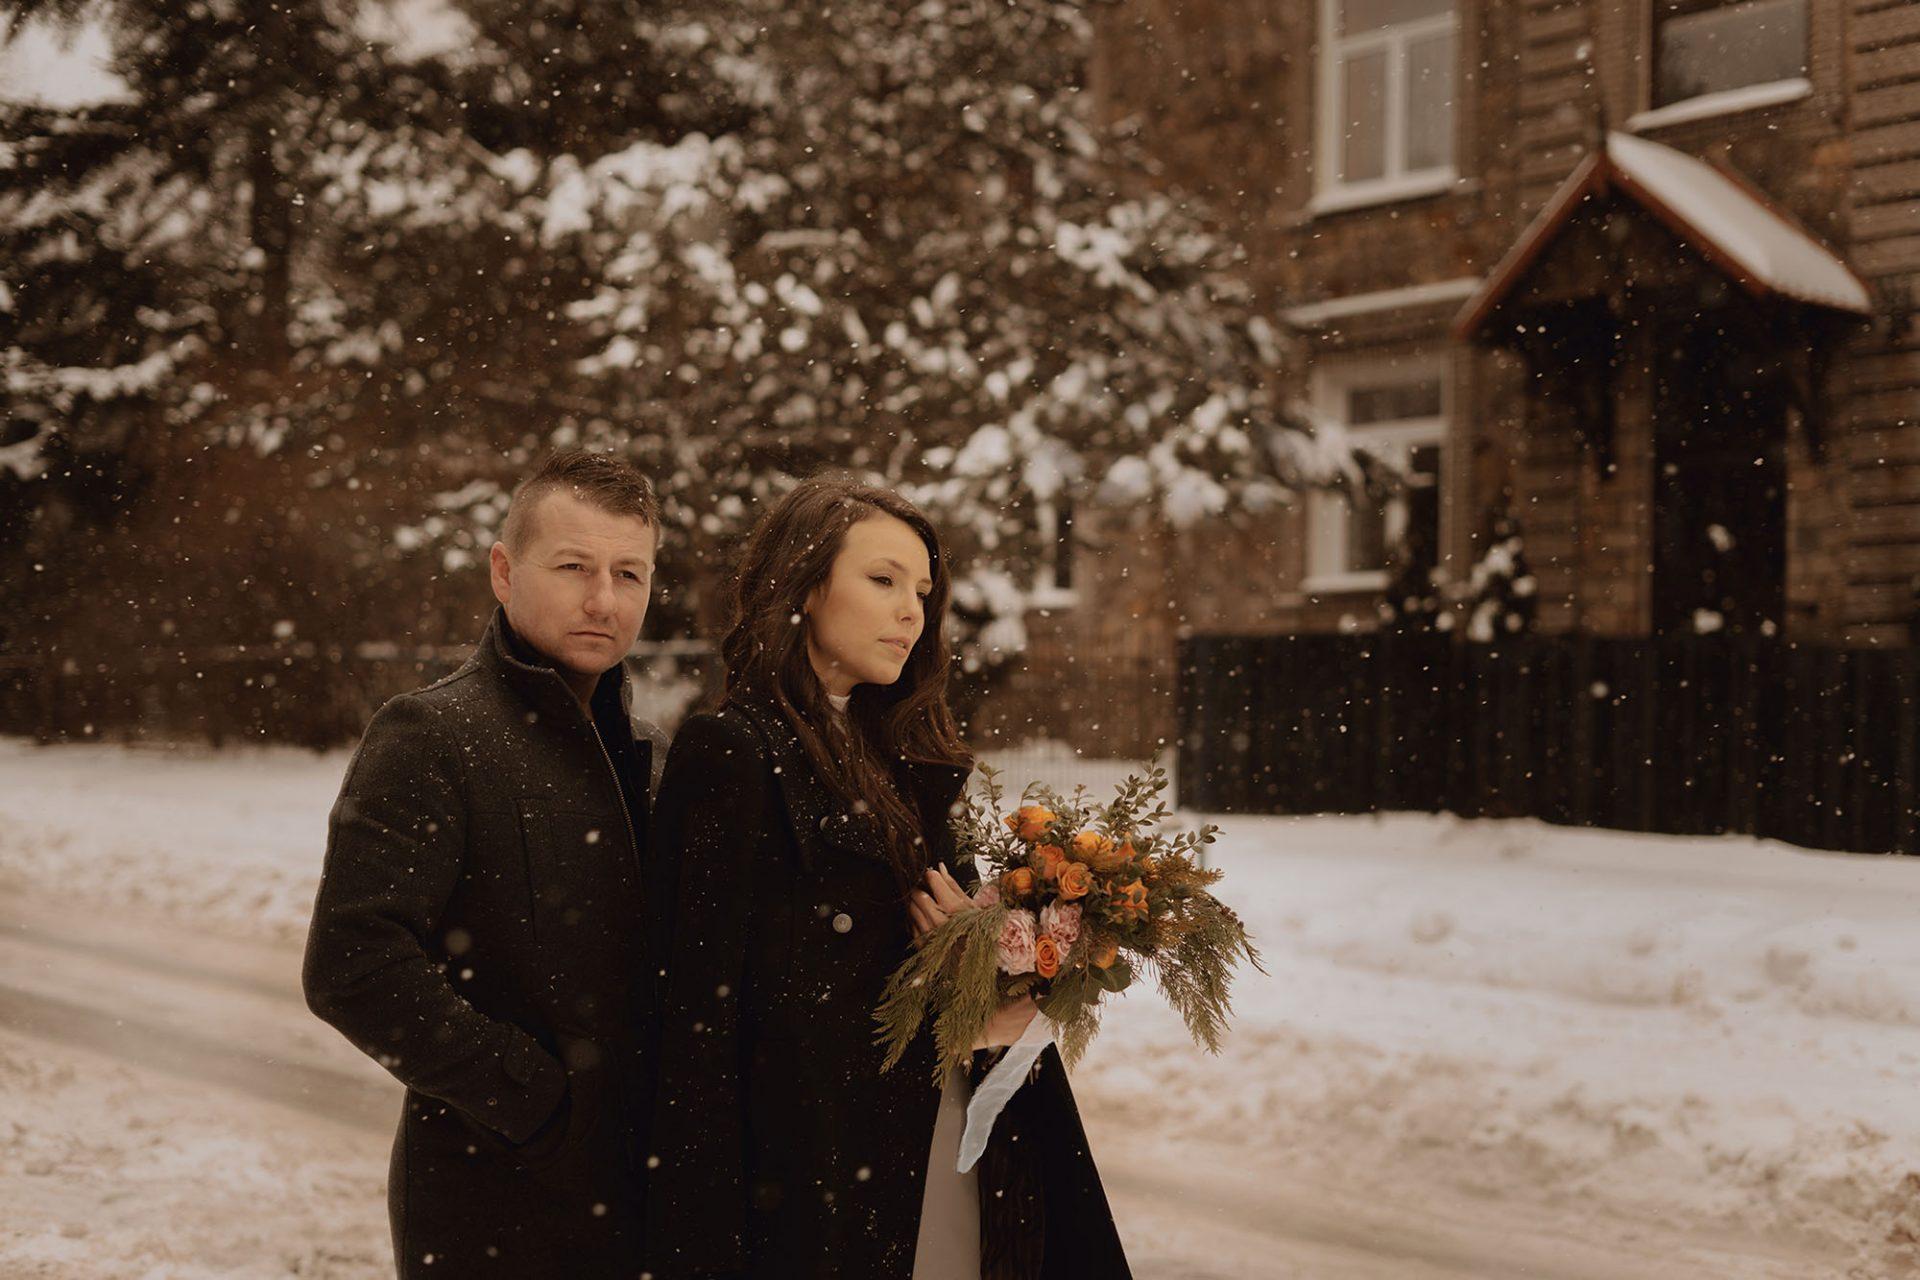 zimowa sesja dla pary00003 1920x1280 - Miłość